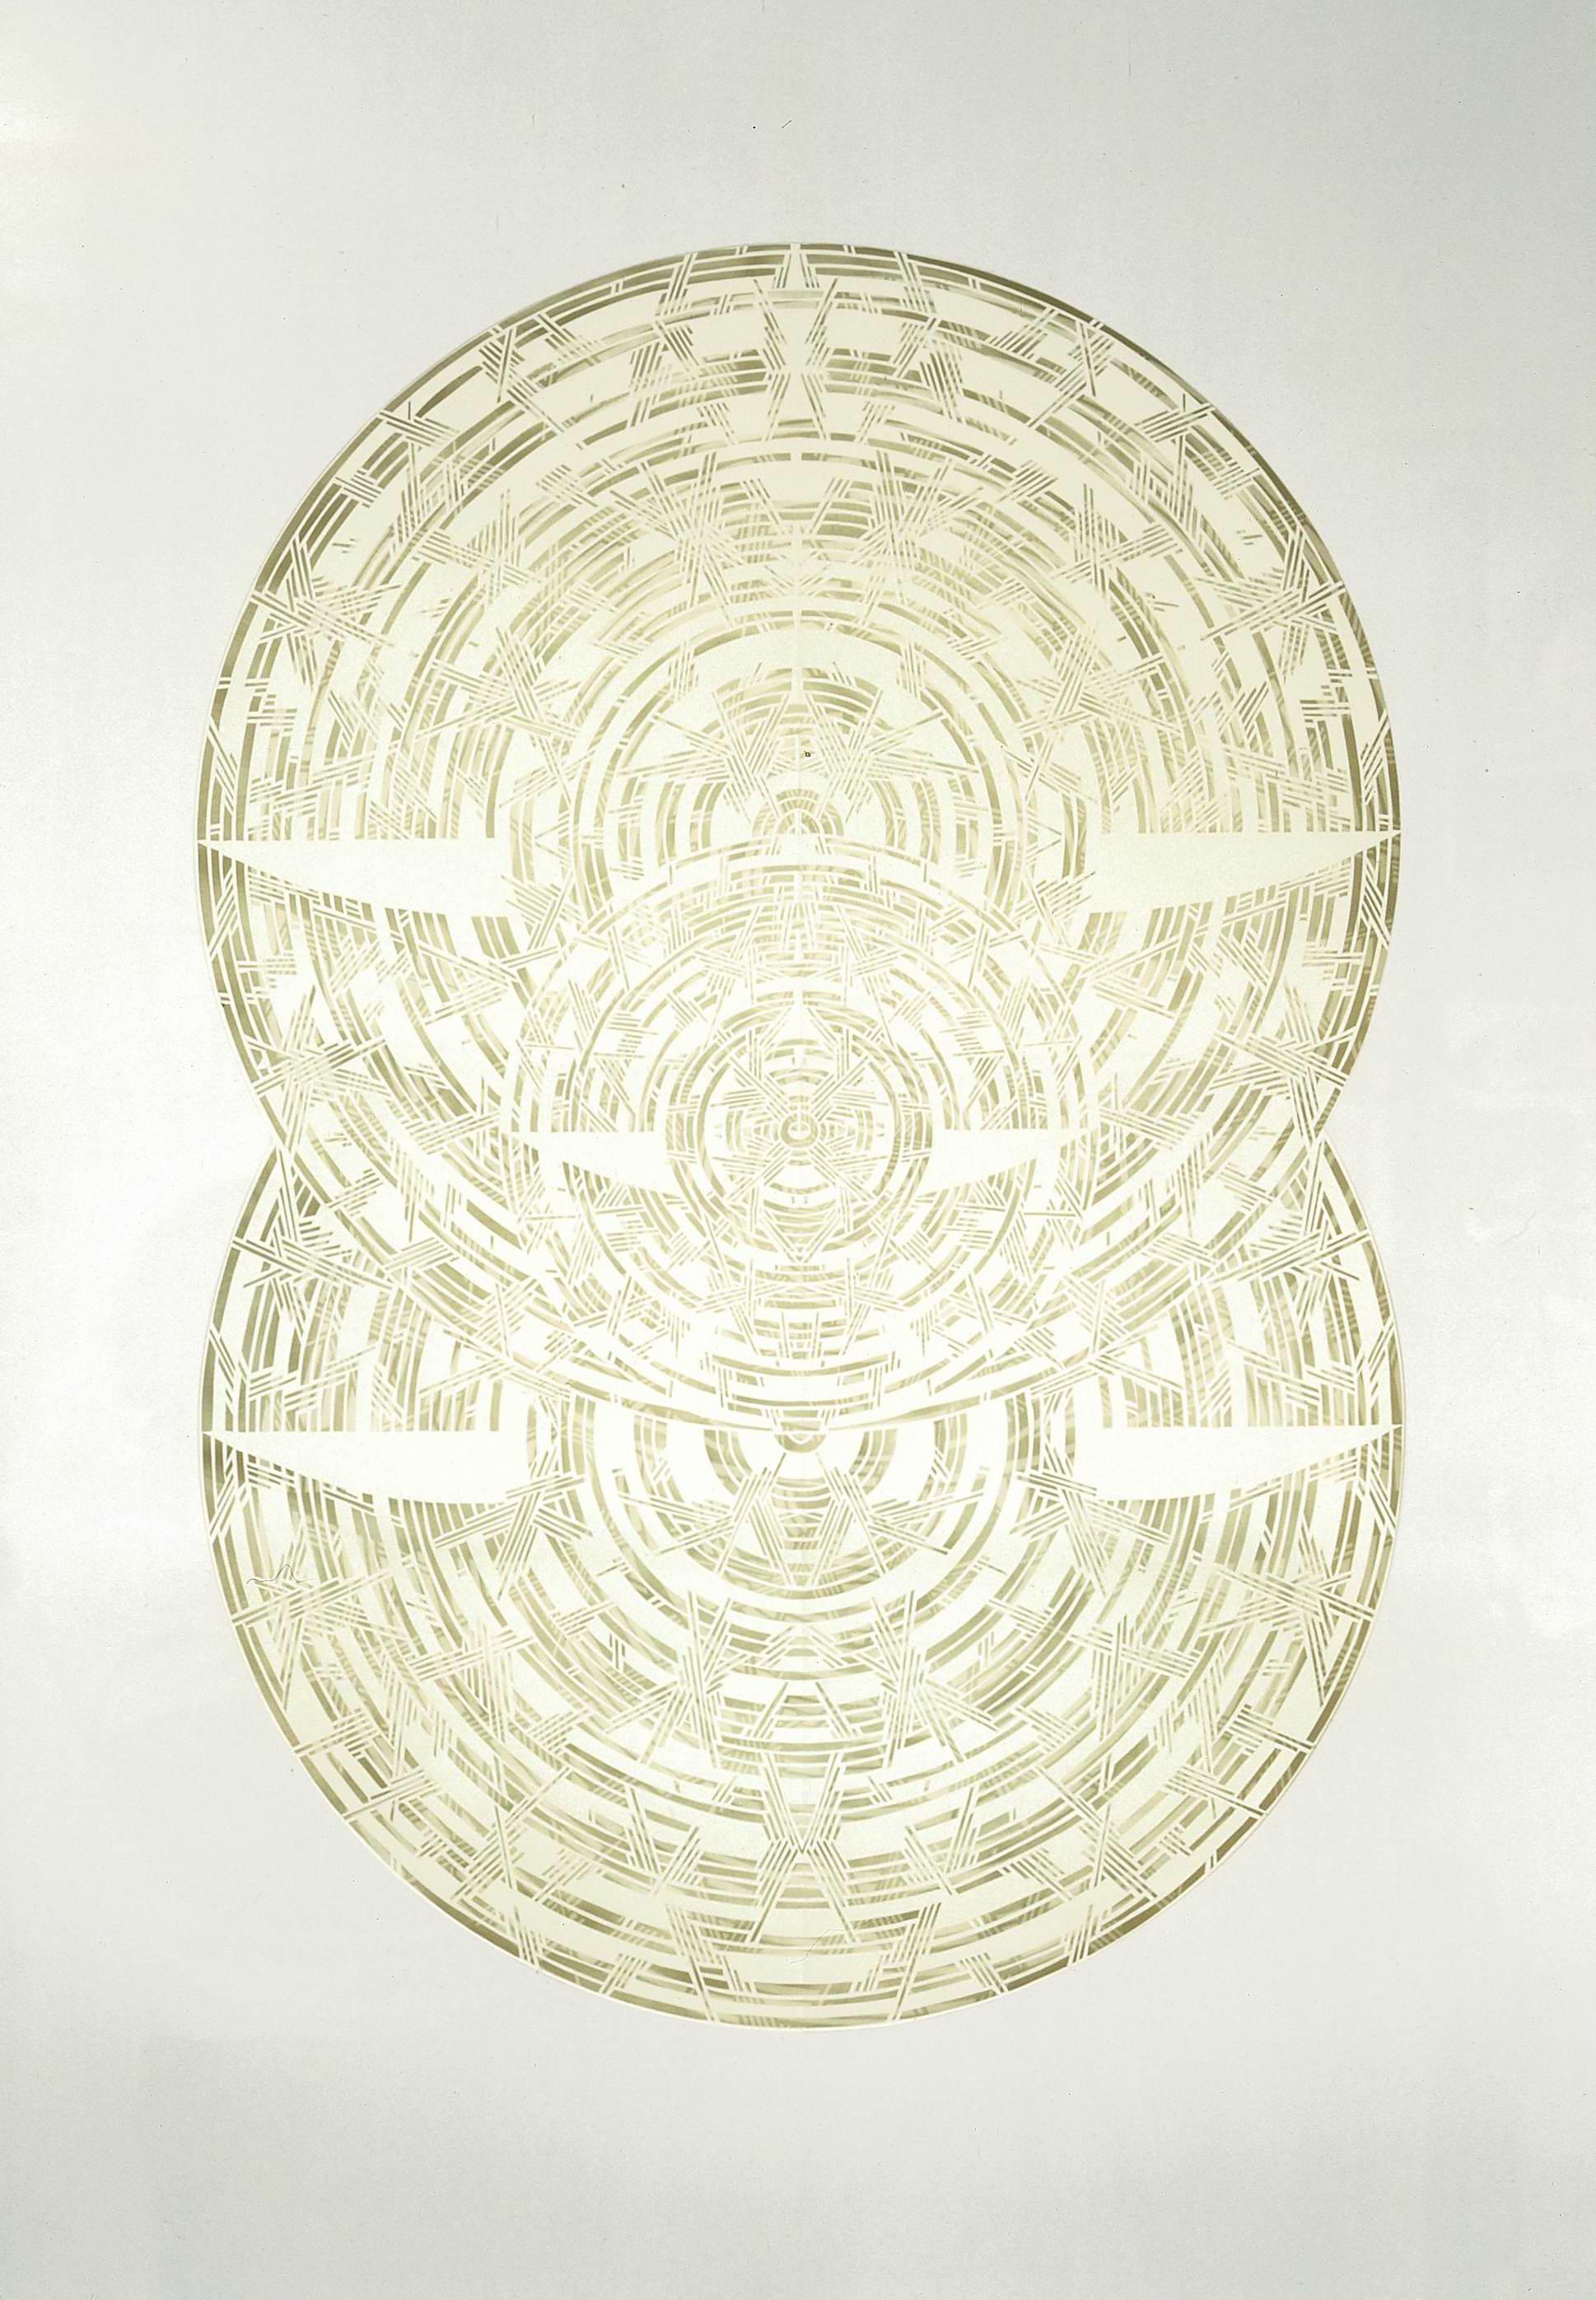 Олена Турянська. Безмежність ІІІ-III, 2006; папір, витинання, 100х70